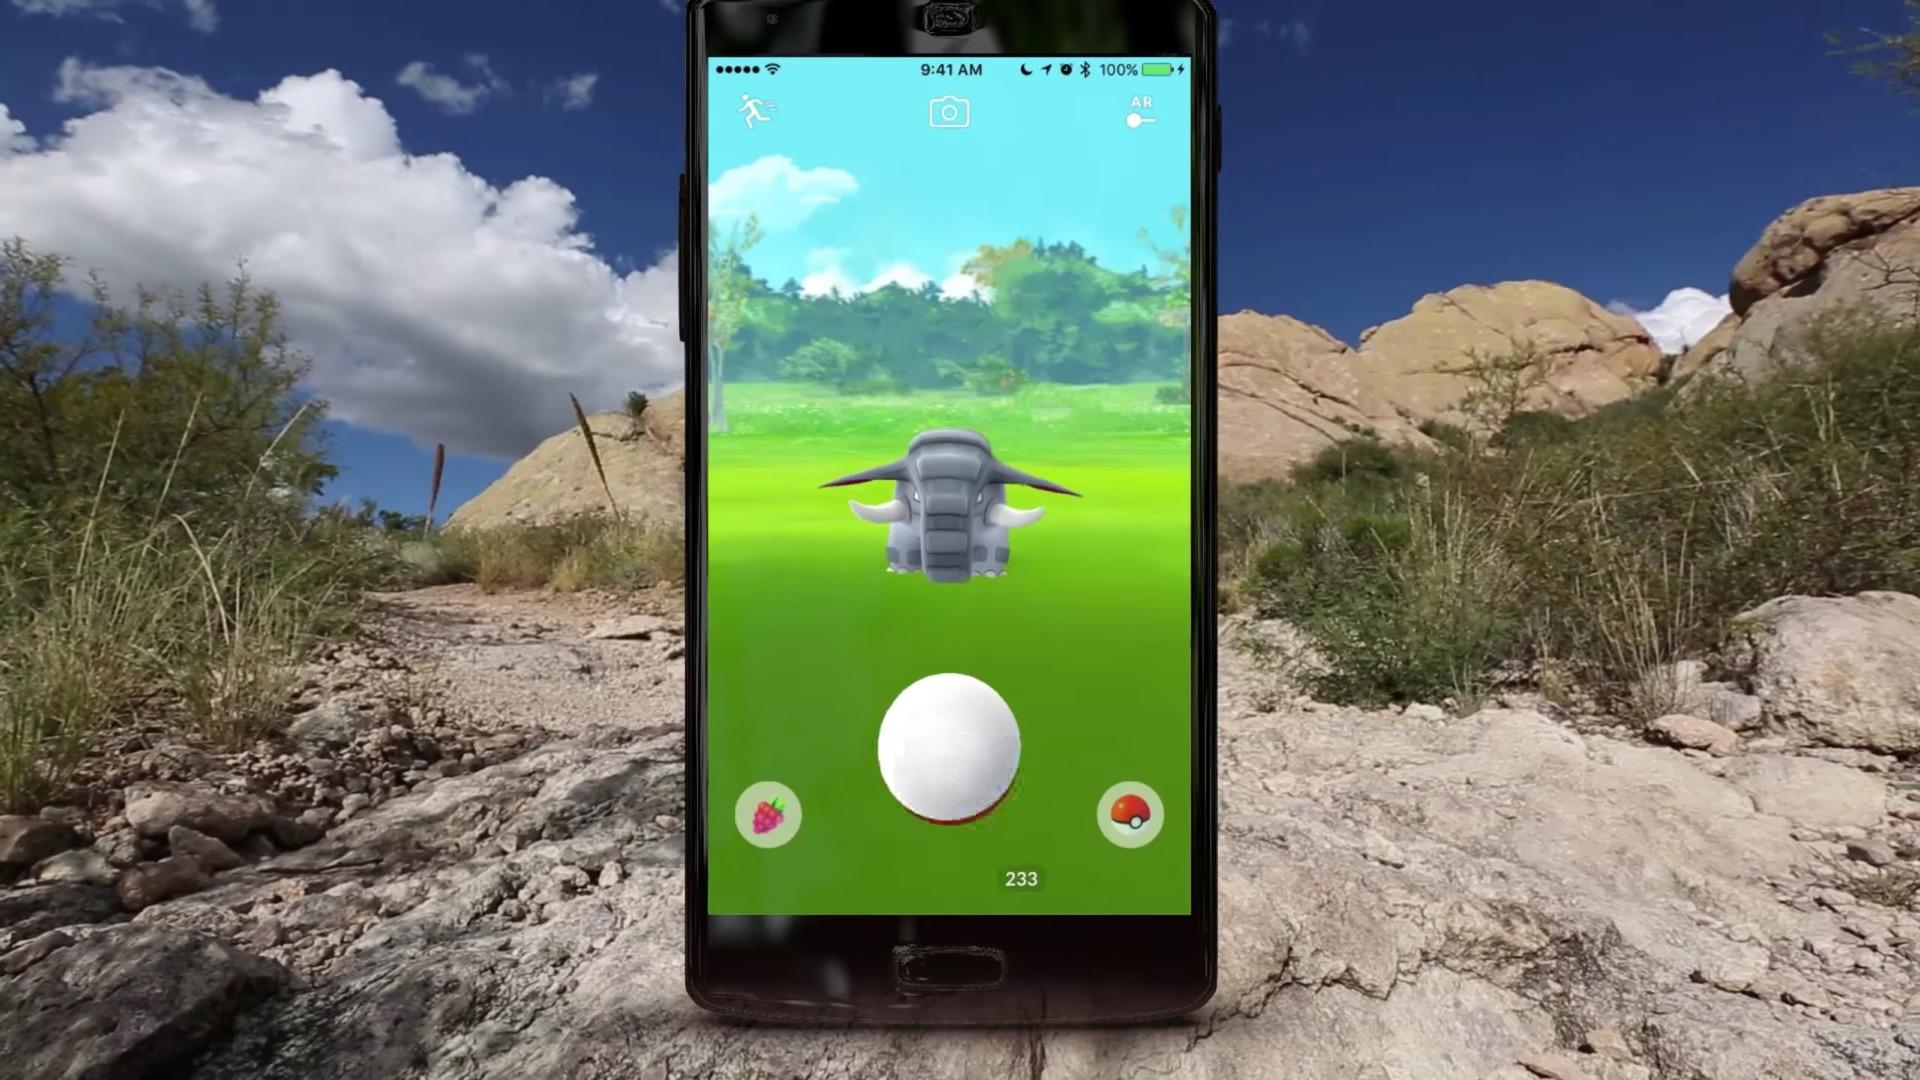 Pokémon GO jhoto4